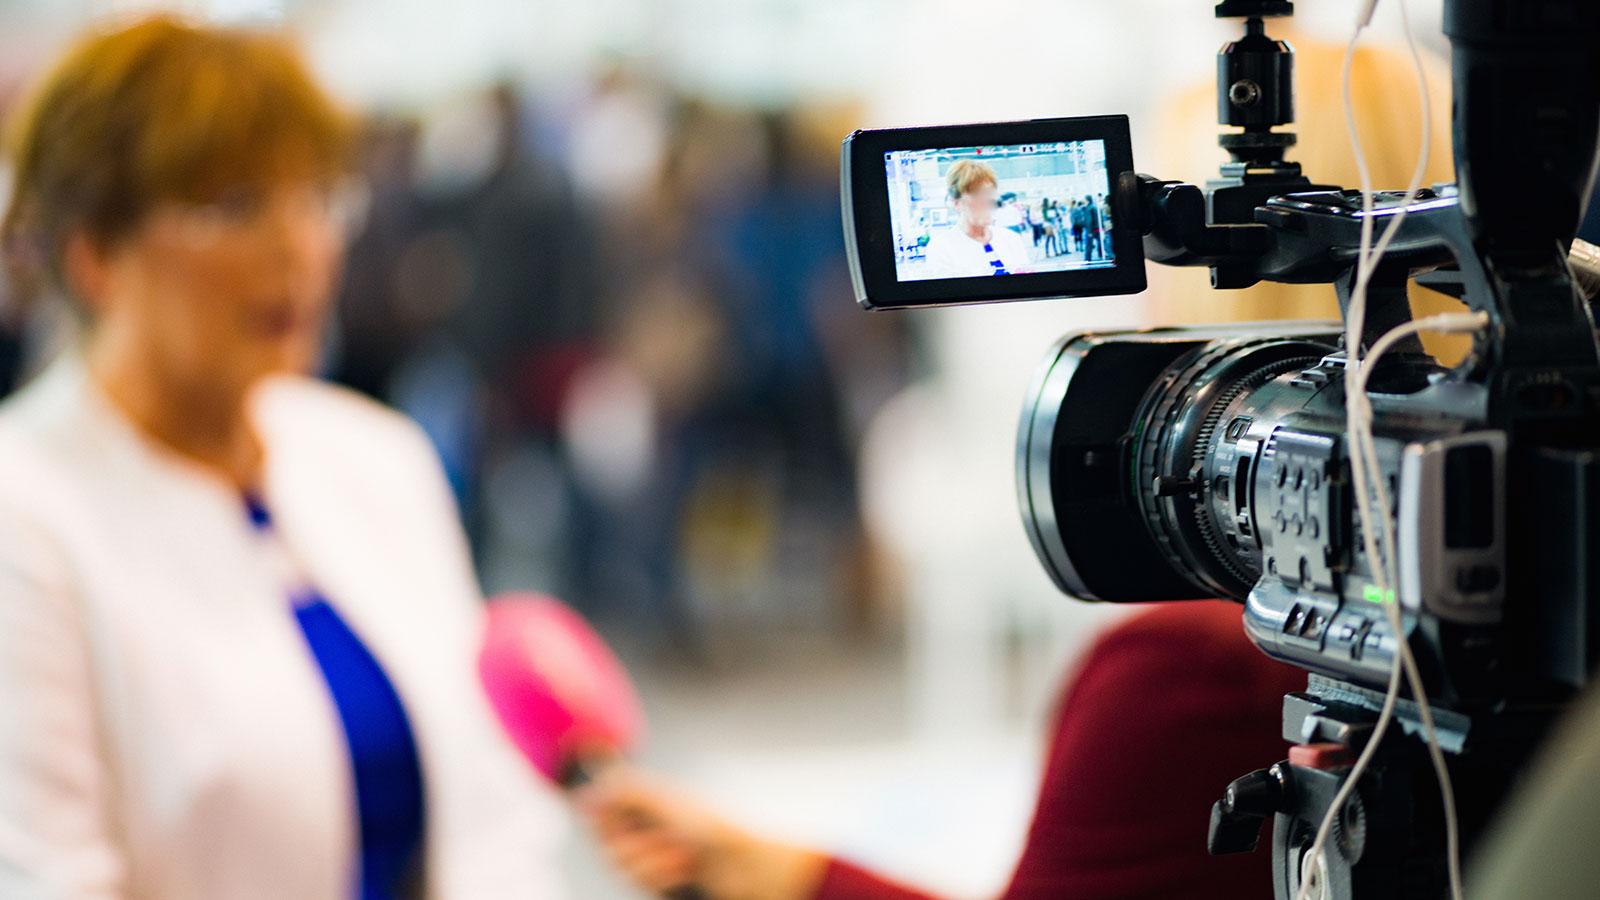 cobertura eventos 4 - Por que devo realizar a cobertura de eventos com vídeos?